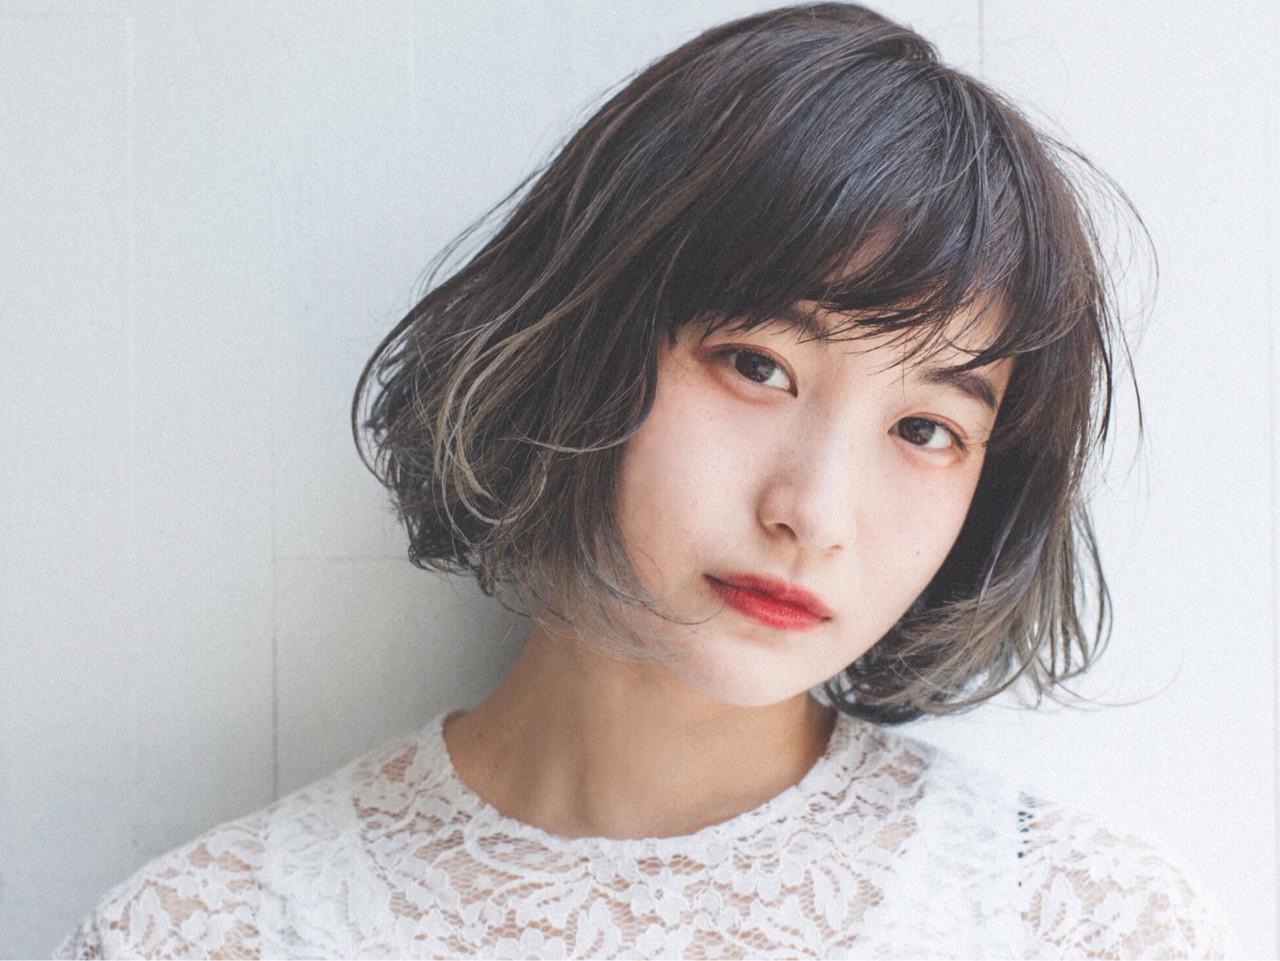 大人女子 ボブ ショートボブ ナチュラル ヘアスタイルや髪型の写真・画像 | くるみ /